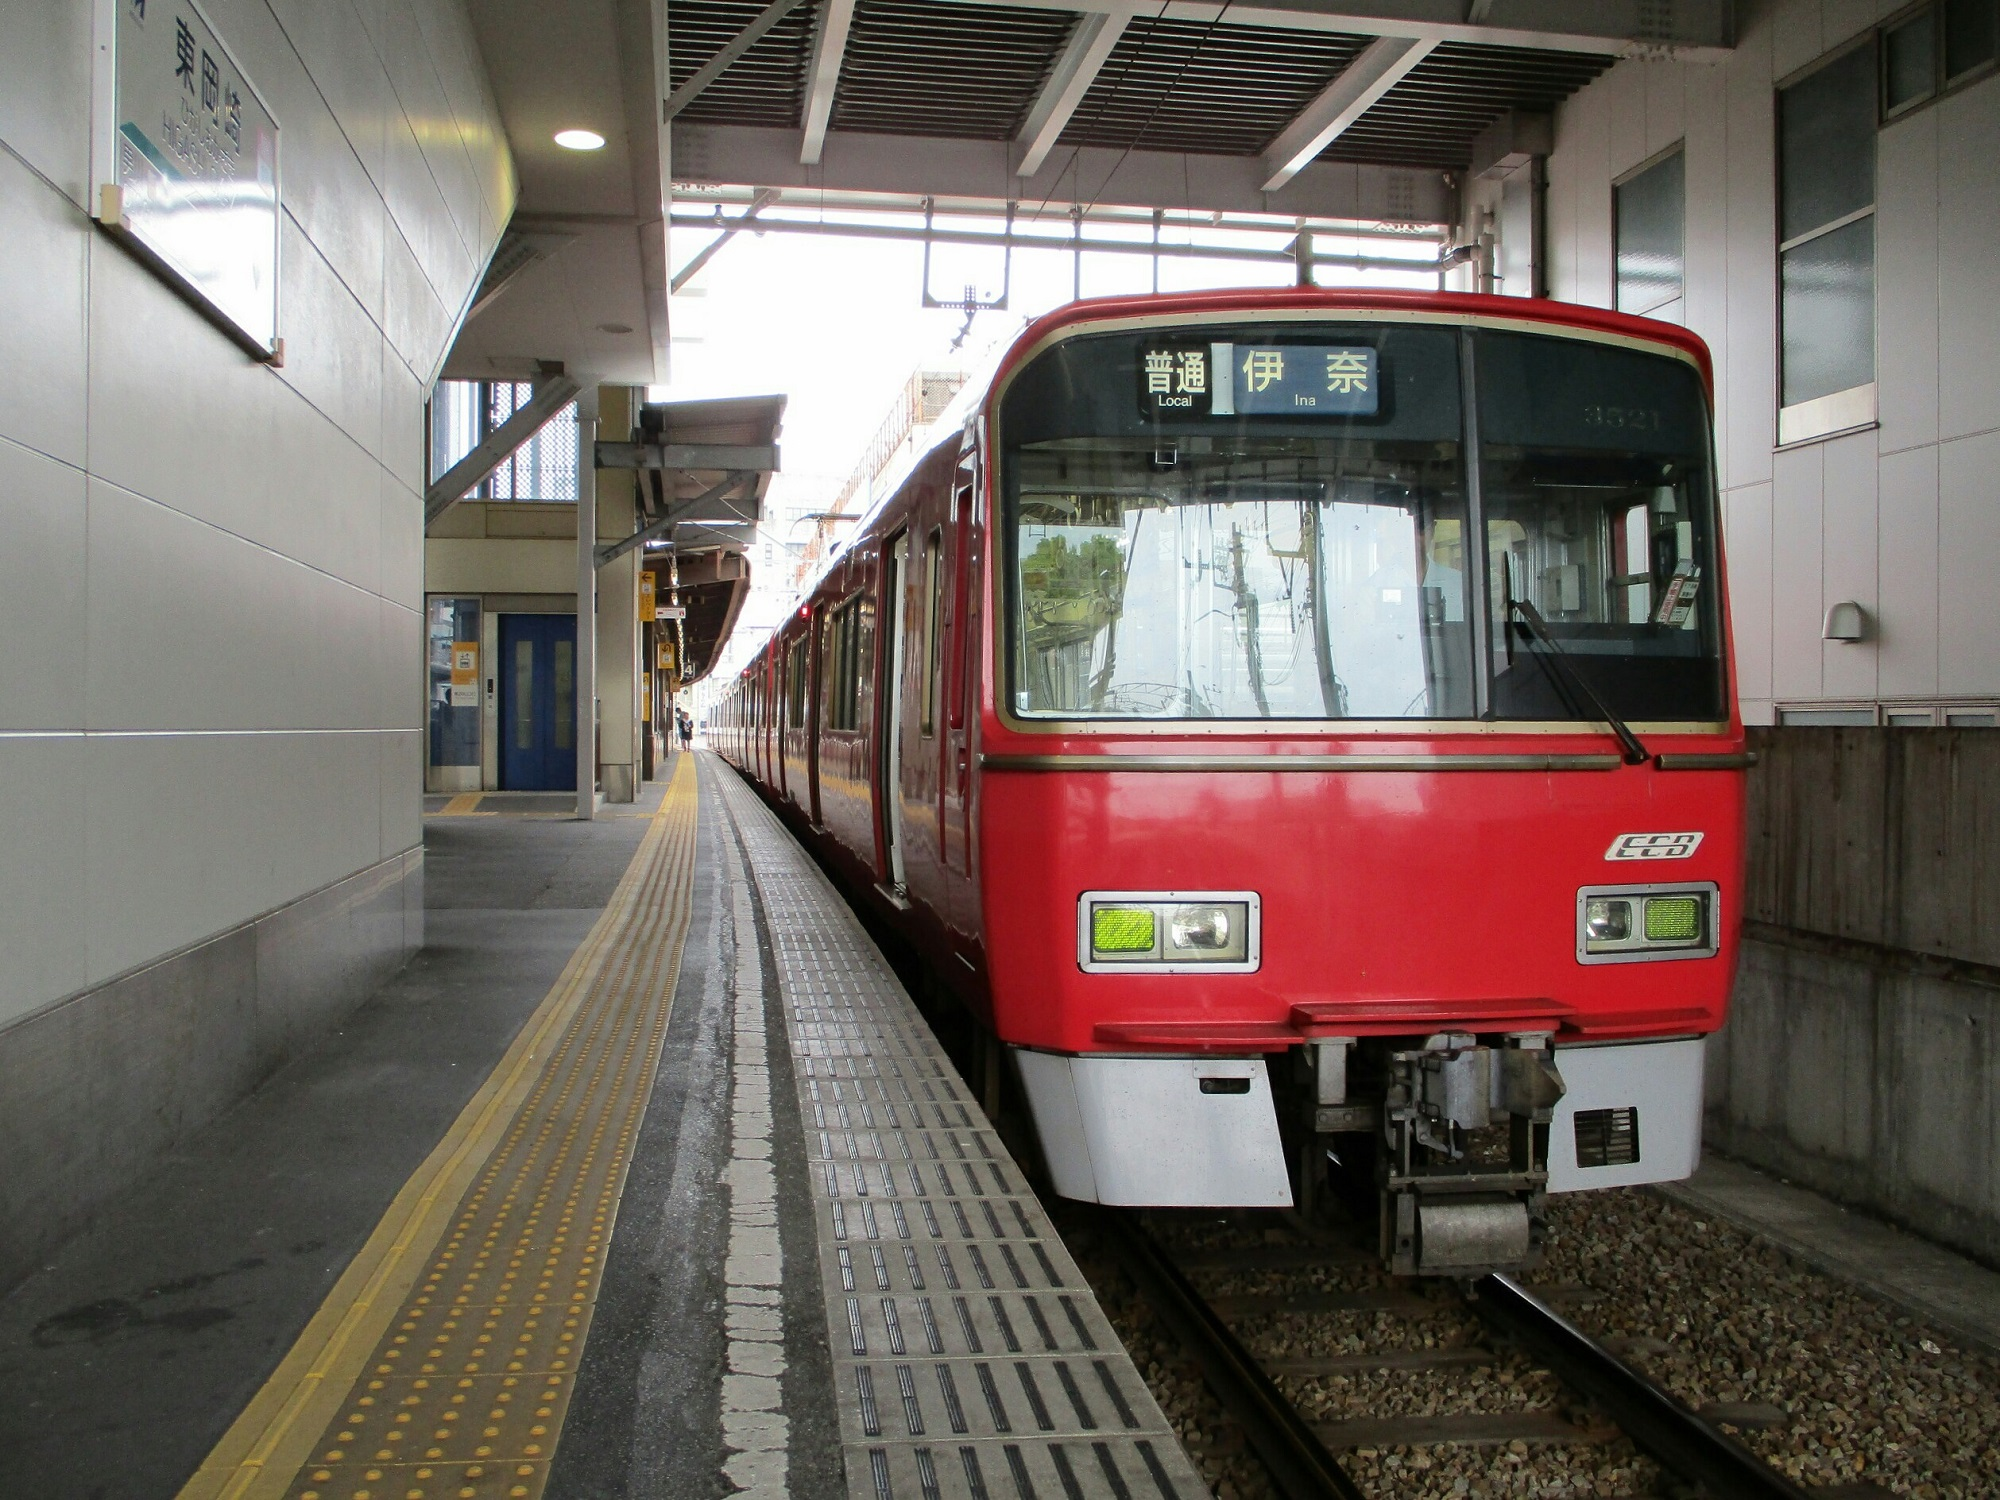 2018.6.10 (5) 東岡崎 - 伊奈いきふつう 2000-1500